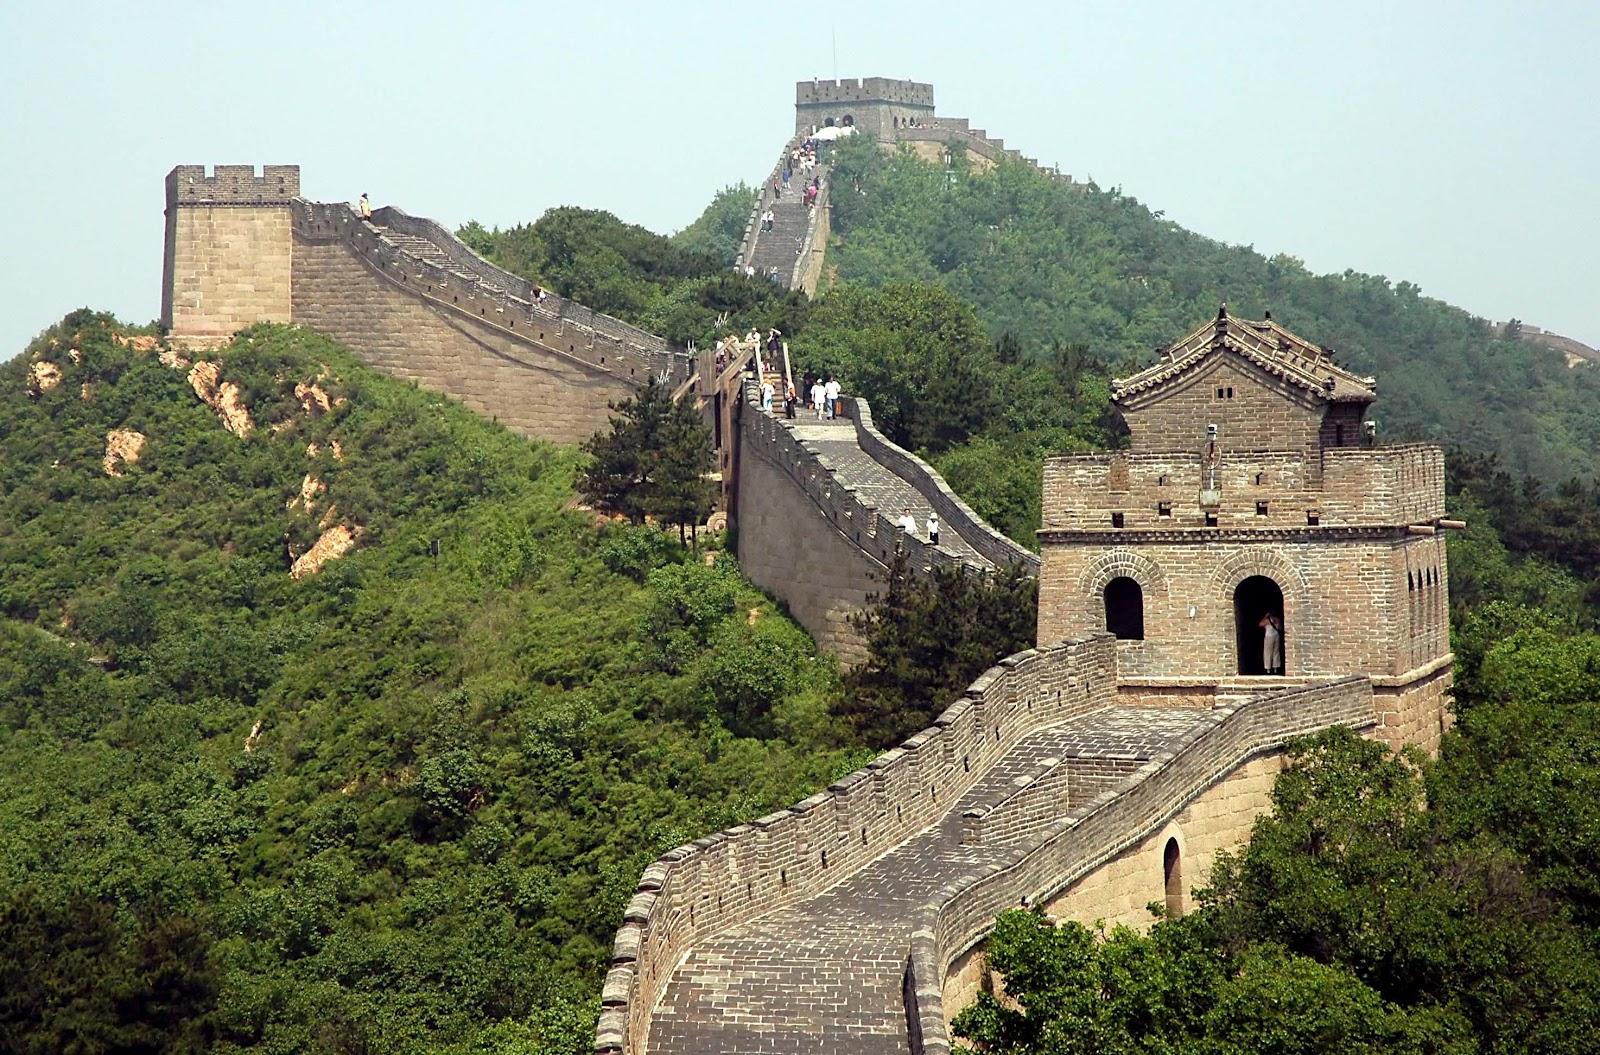 http://2.bp.blogspot.com/-I_8RQwwCT90/UBu-LZbXAqI/AAAAAAAABck/p-e7aCozAxg/s1600/China-Great-Wall-06.jpg